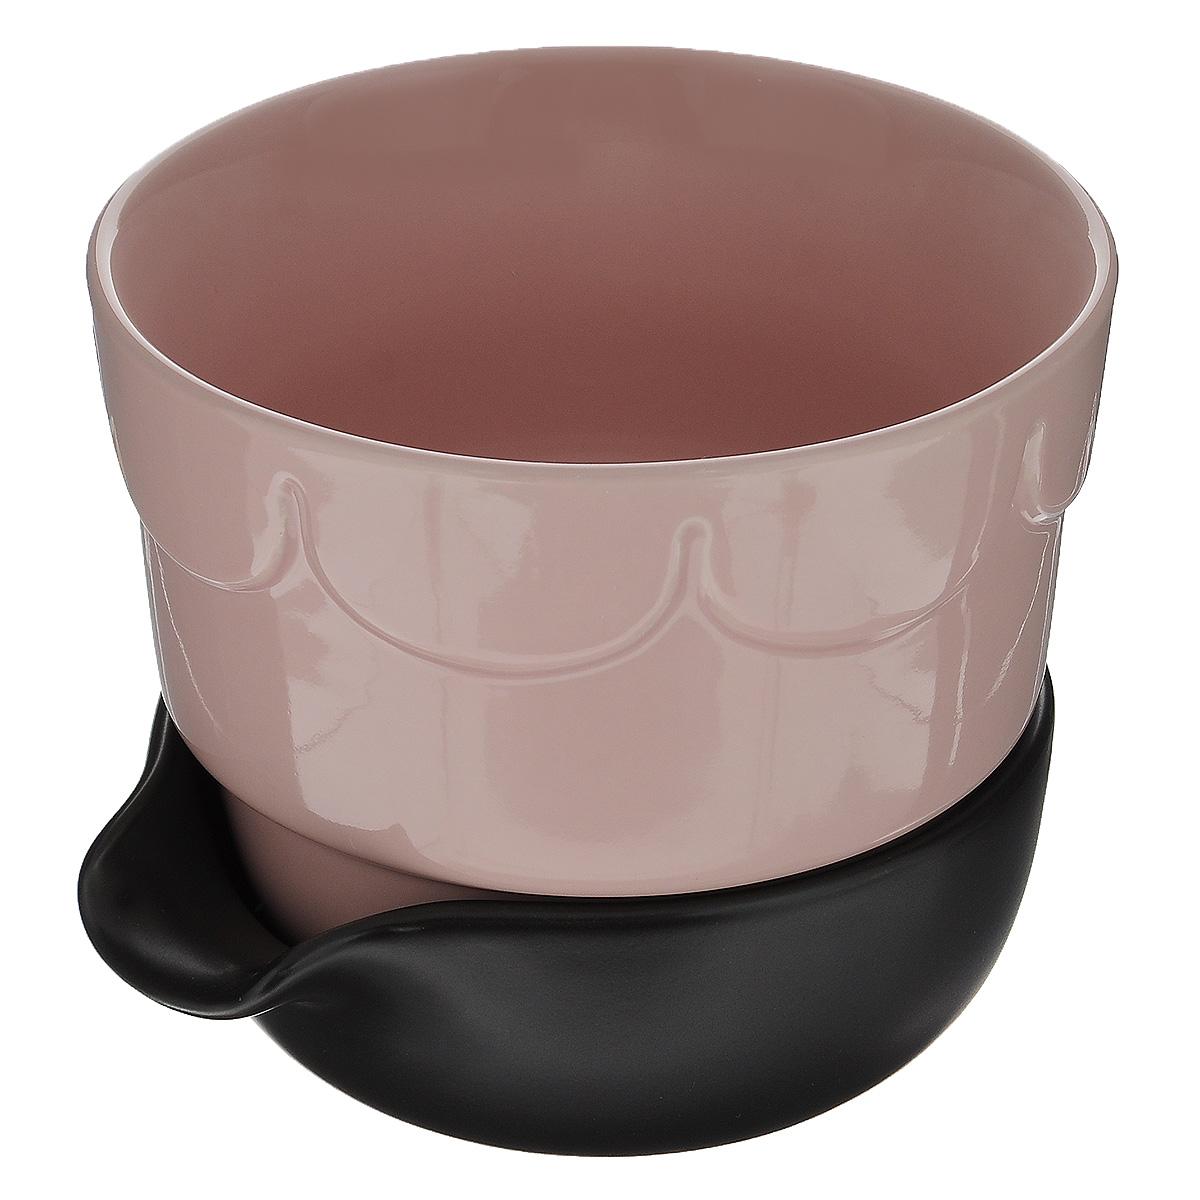 Горшок для цветов Sagaform, с поддоном, цвет: бледно-розовый, коричневый, диаметр 13,5 см5016675Цветочный горшок Sagaform с поддоном выполнен из высококачественной керамики и предназначен для выращивания в нем цветов, растений и трав. Поддон обеспечивает систему прикорневого полива, которая способствует вентиляции и дренажу корневой системы растения. Такой горшок порадует вас современным дизайном и функциональностью, а также оригинально украсит интерьер помещения. Диаметр по верхнему краю: 13,5 см. Высота горшка: 11 см. Диаметр поддона: 12 см.